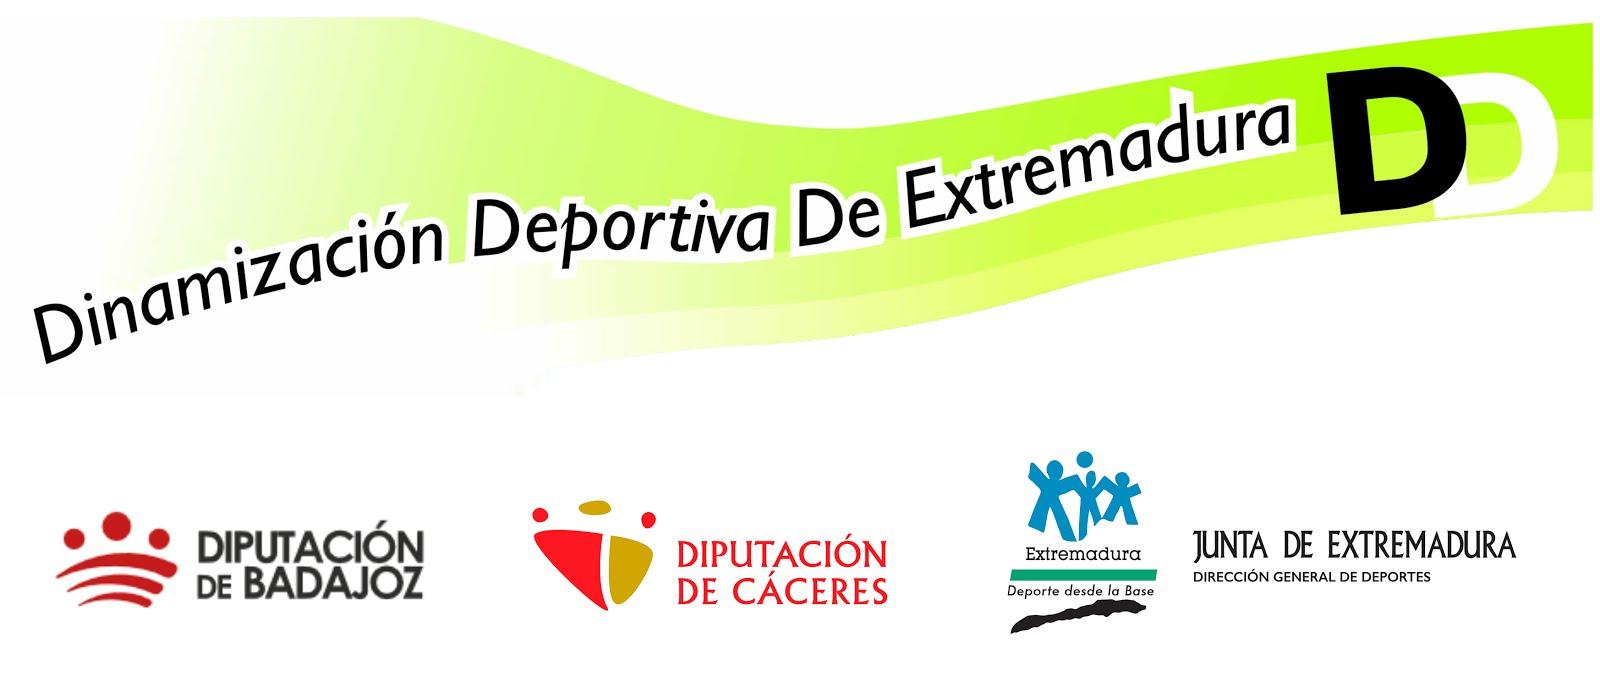 Dinammización Deportiva